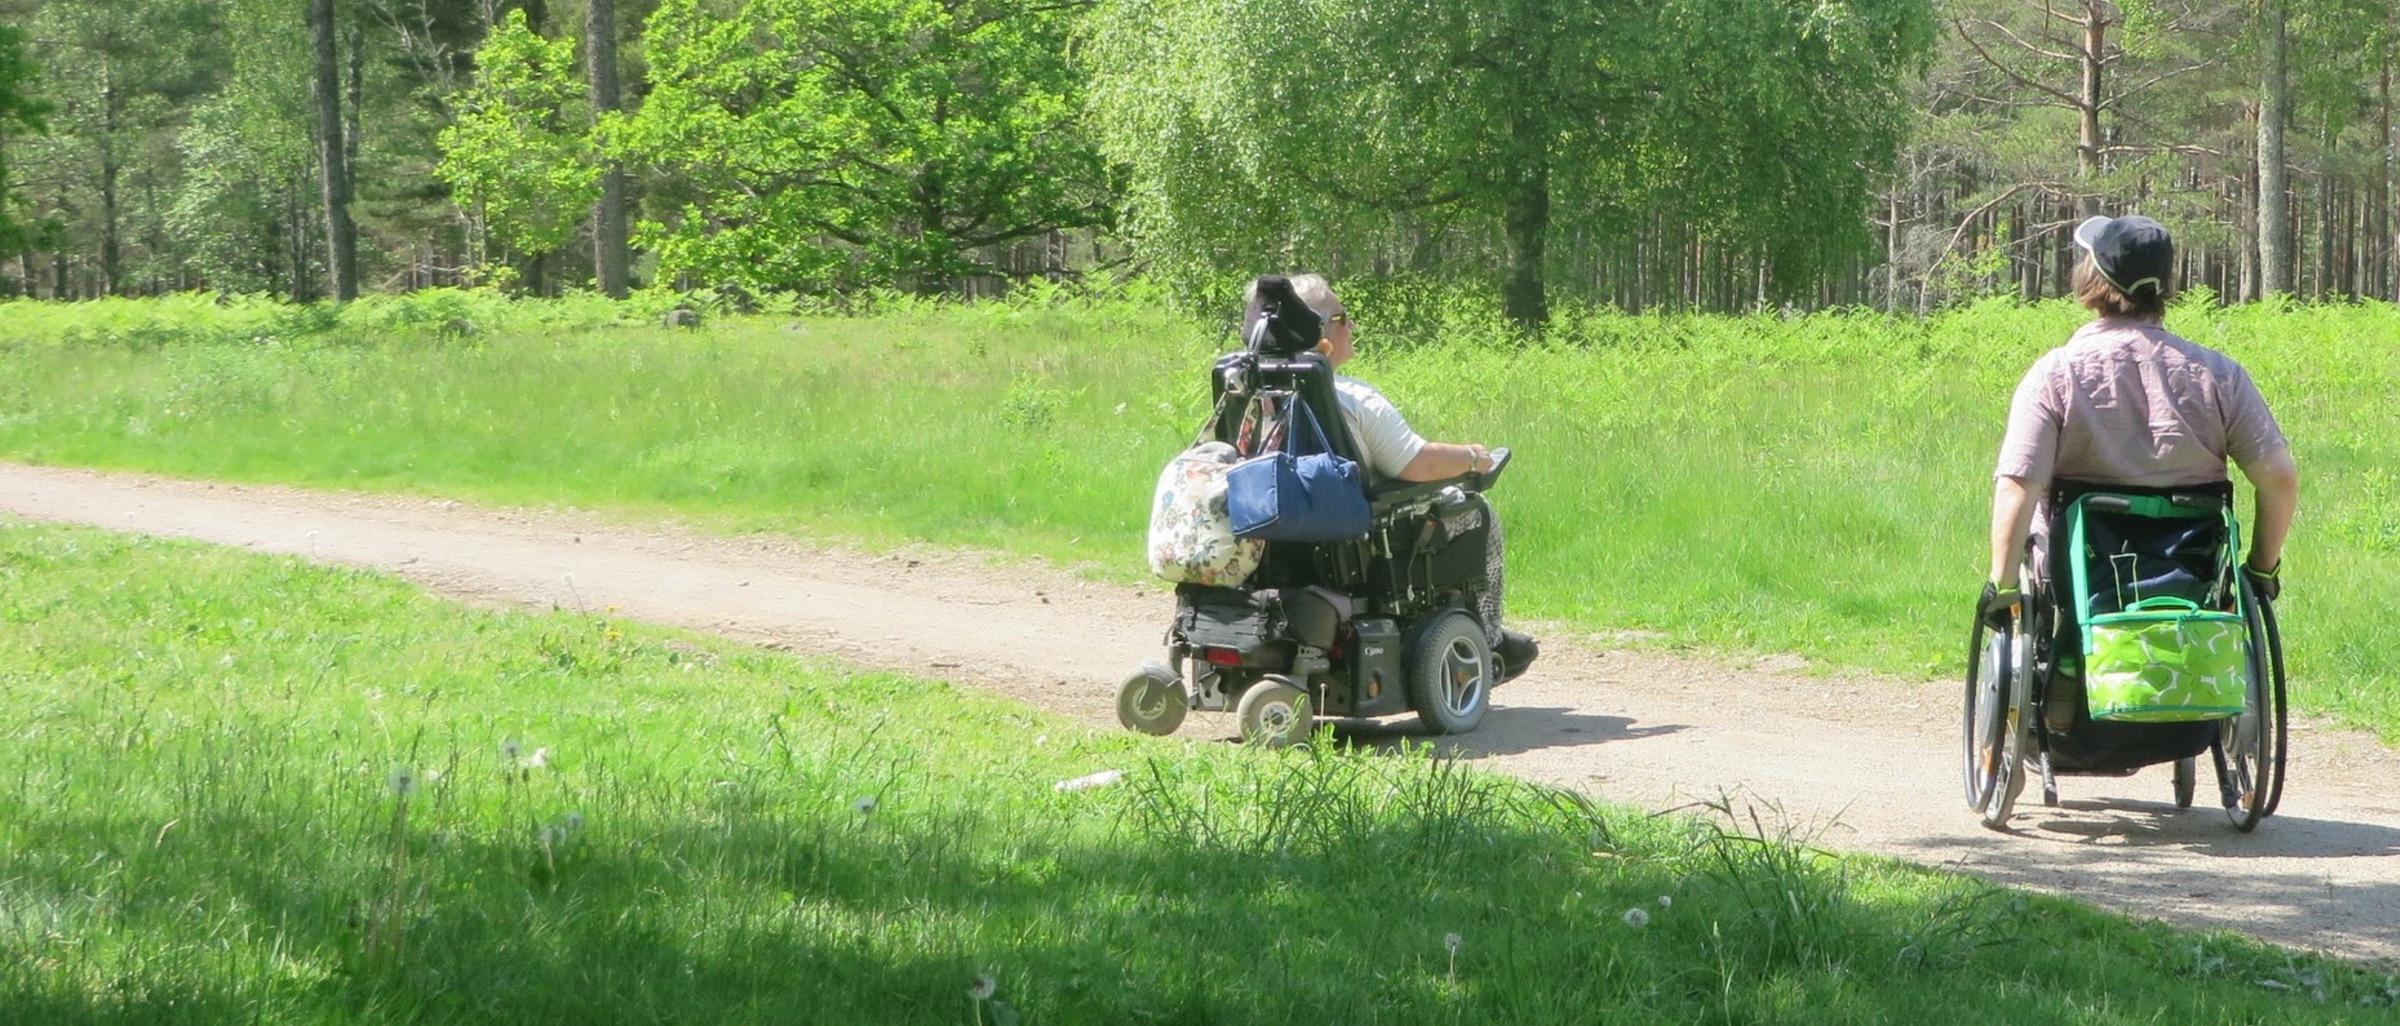 Skogstur 8326  2